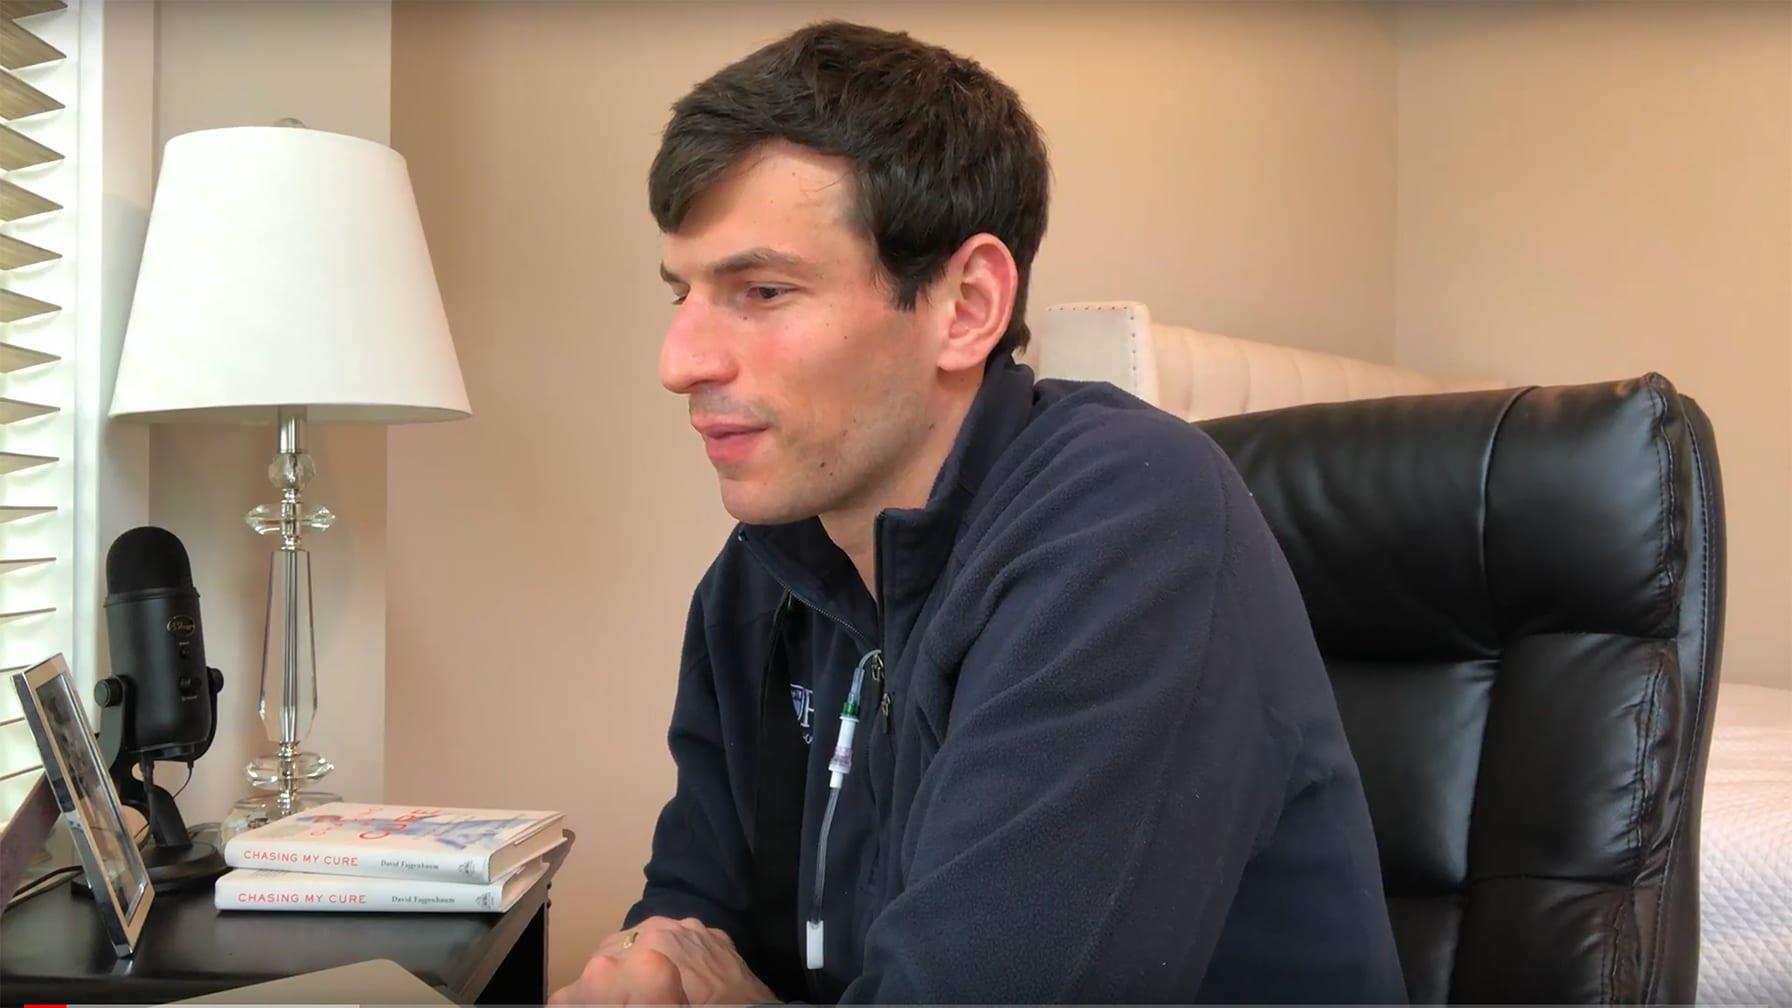 بعد إنقاذ حياته بدواء معاد استخدامه.. رجل يراجع كل دواء استخدم لمكافحة فيروس كورونا